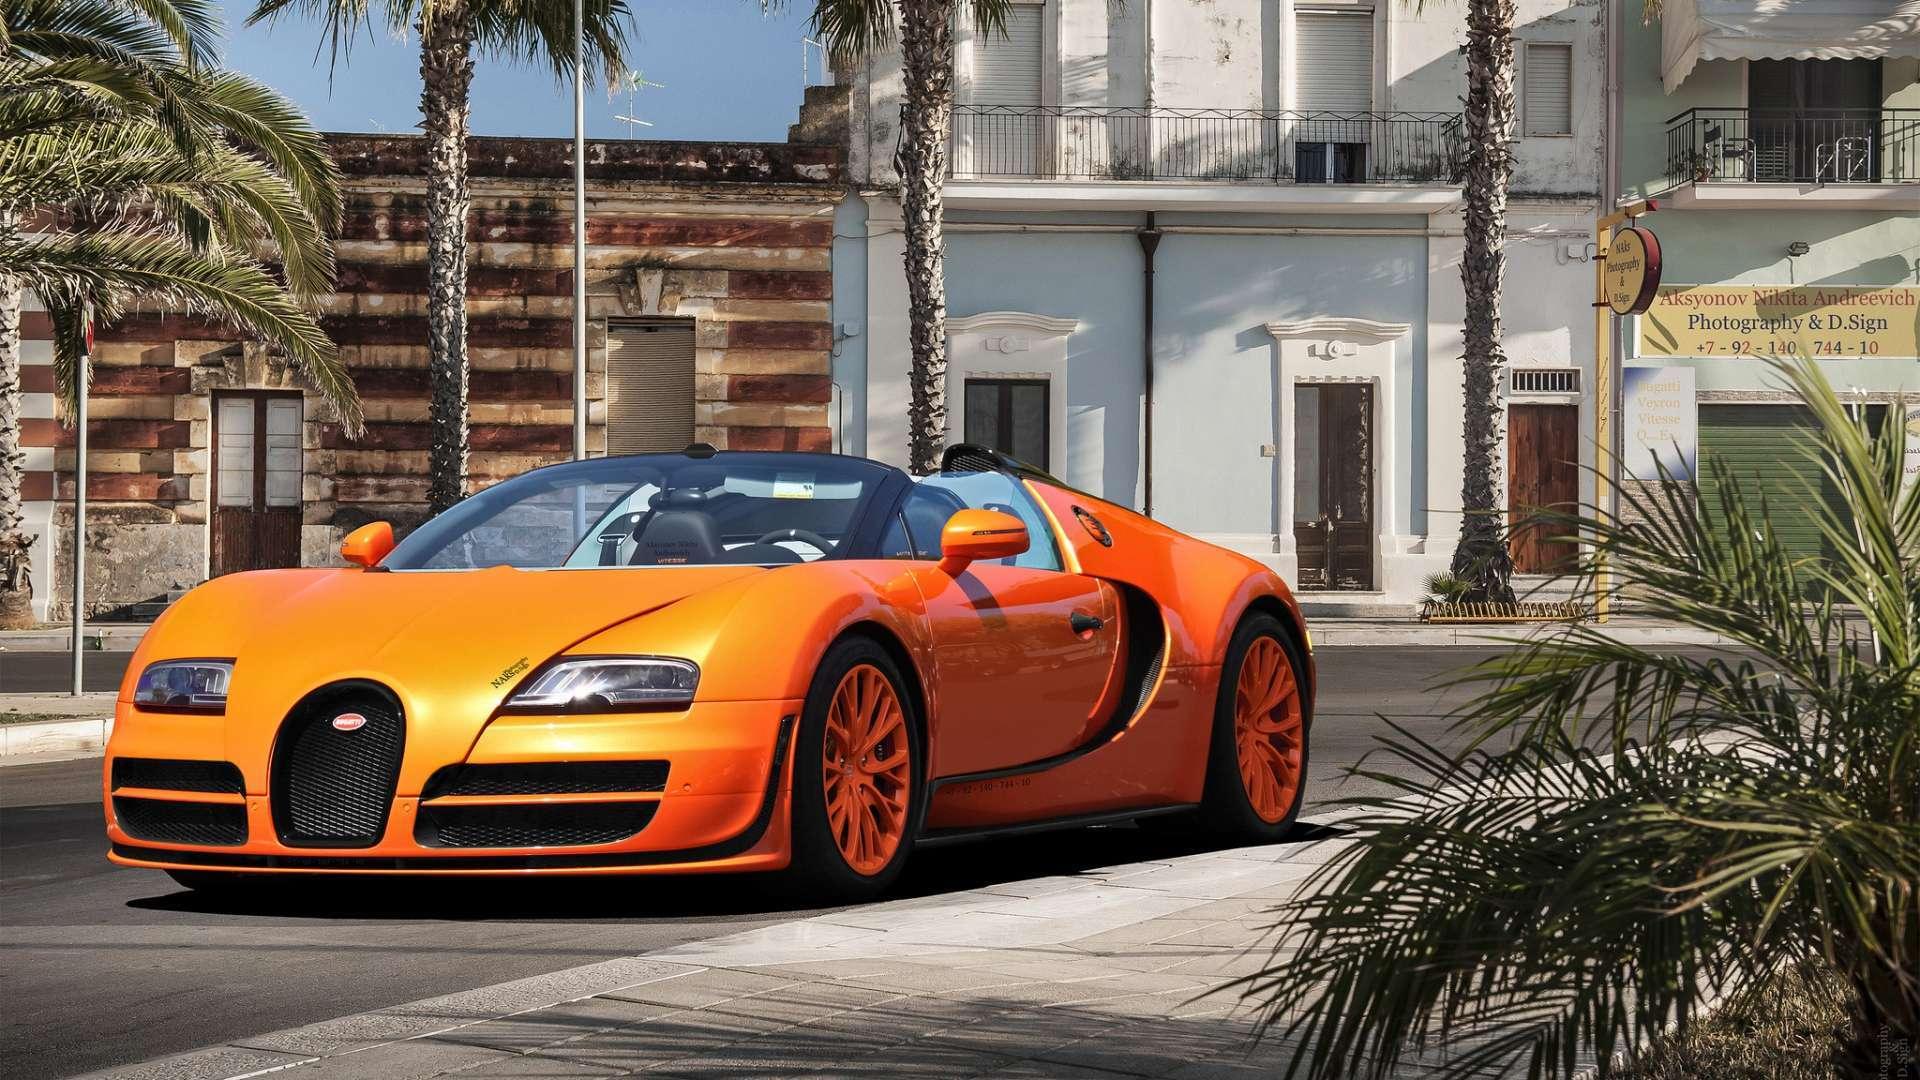 wwwhdwallwidecombugatti veyron vitesse desktop wallpaper 1080p 1920x1080